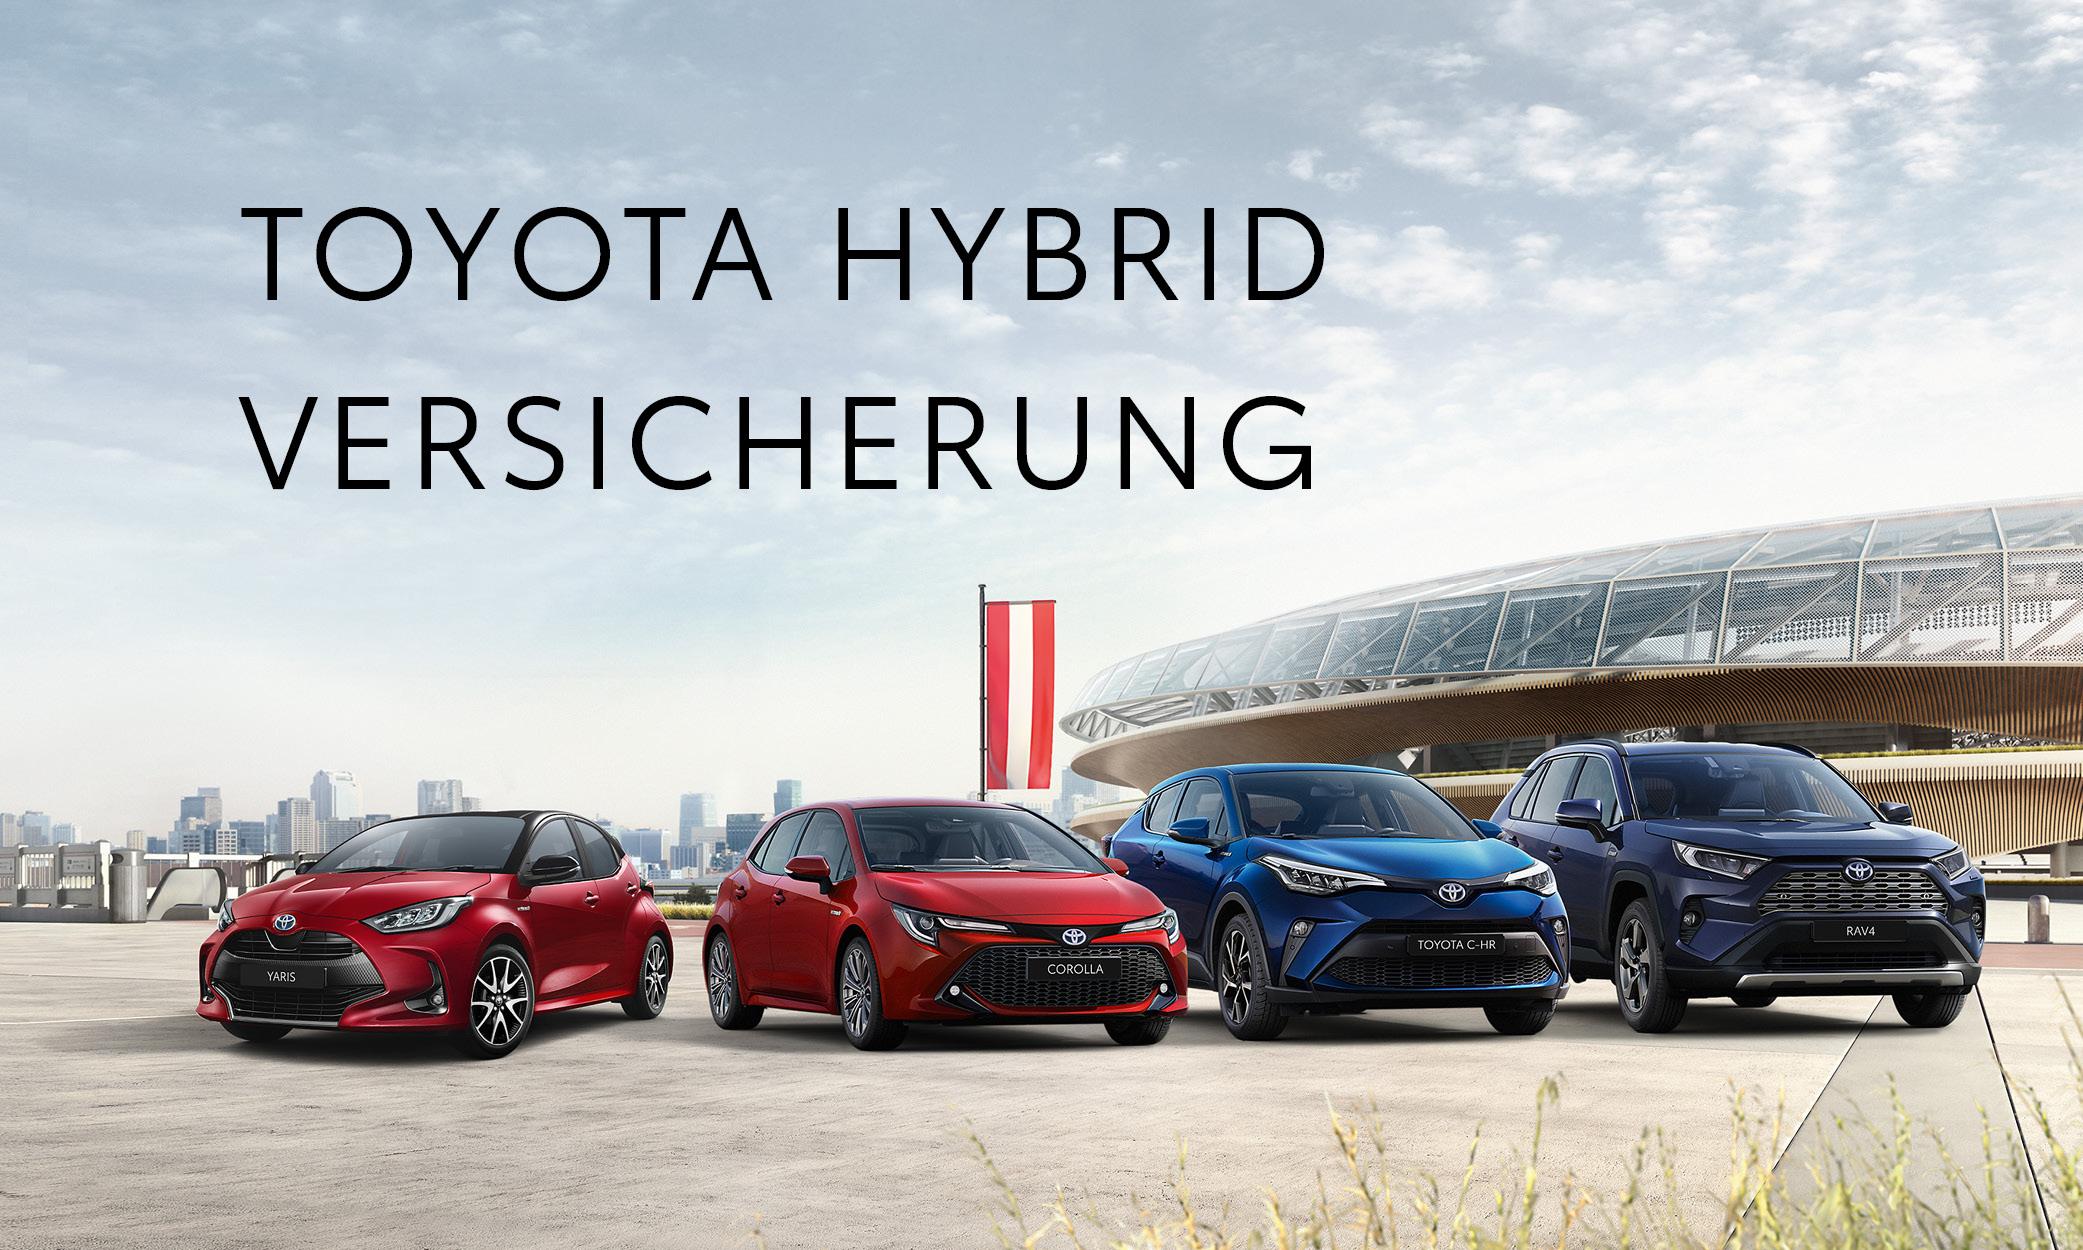 HybridVersicherung.jpg